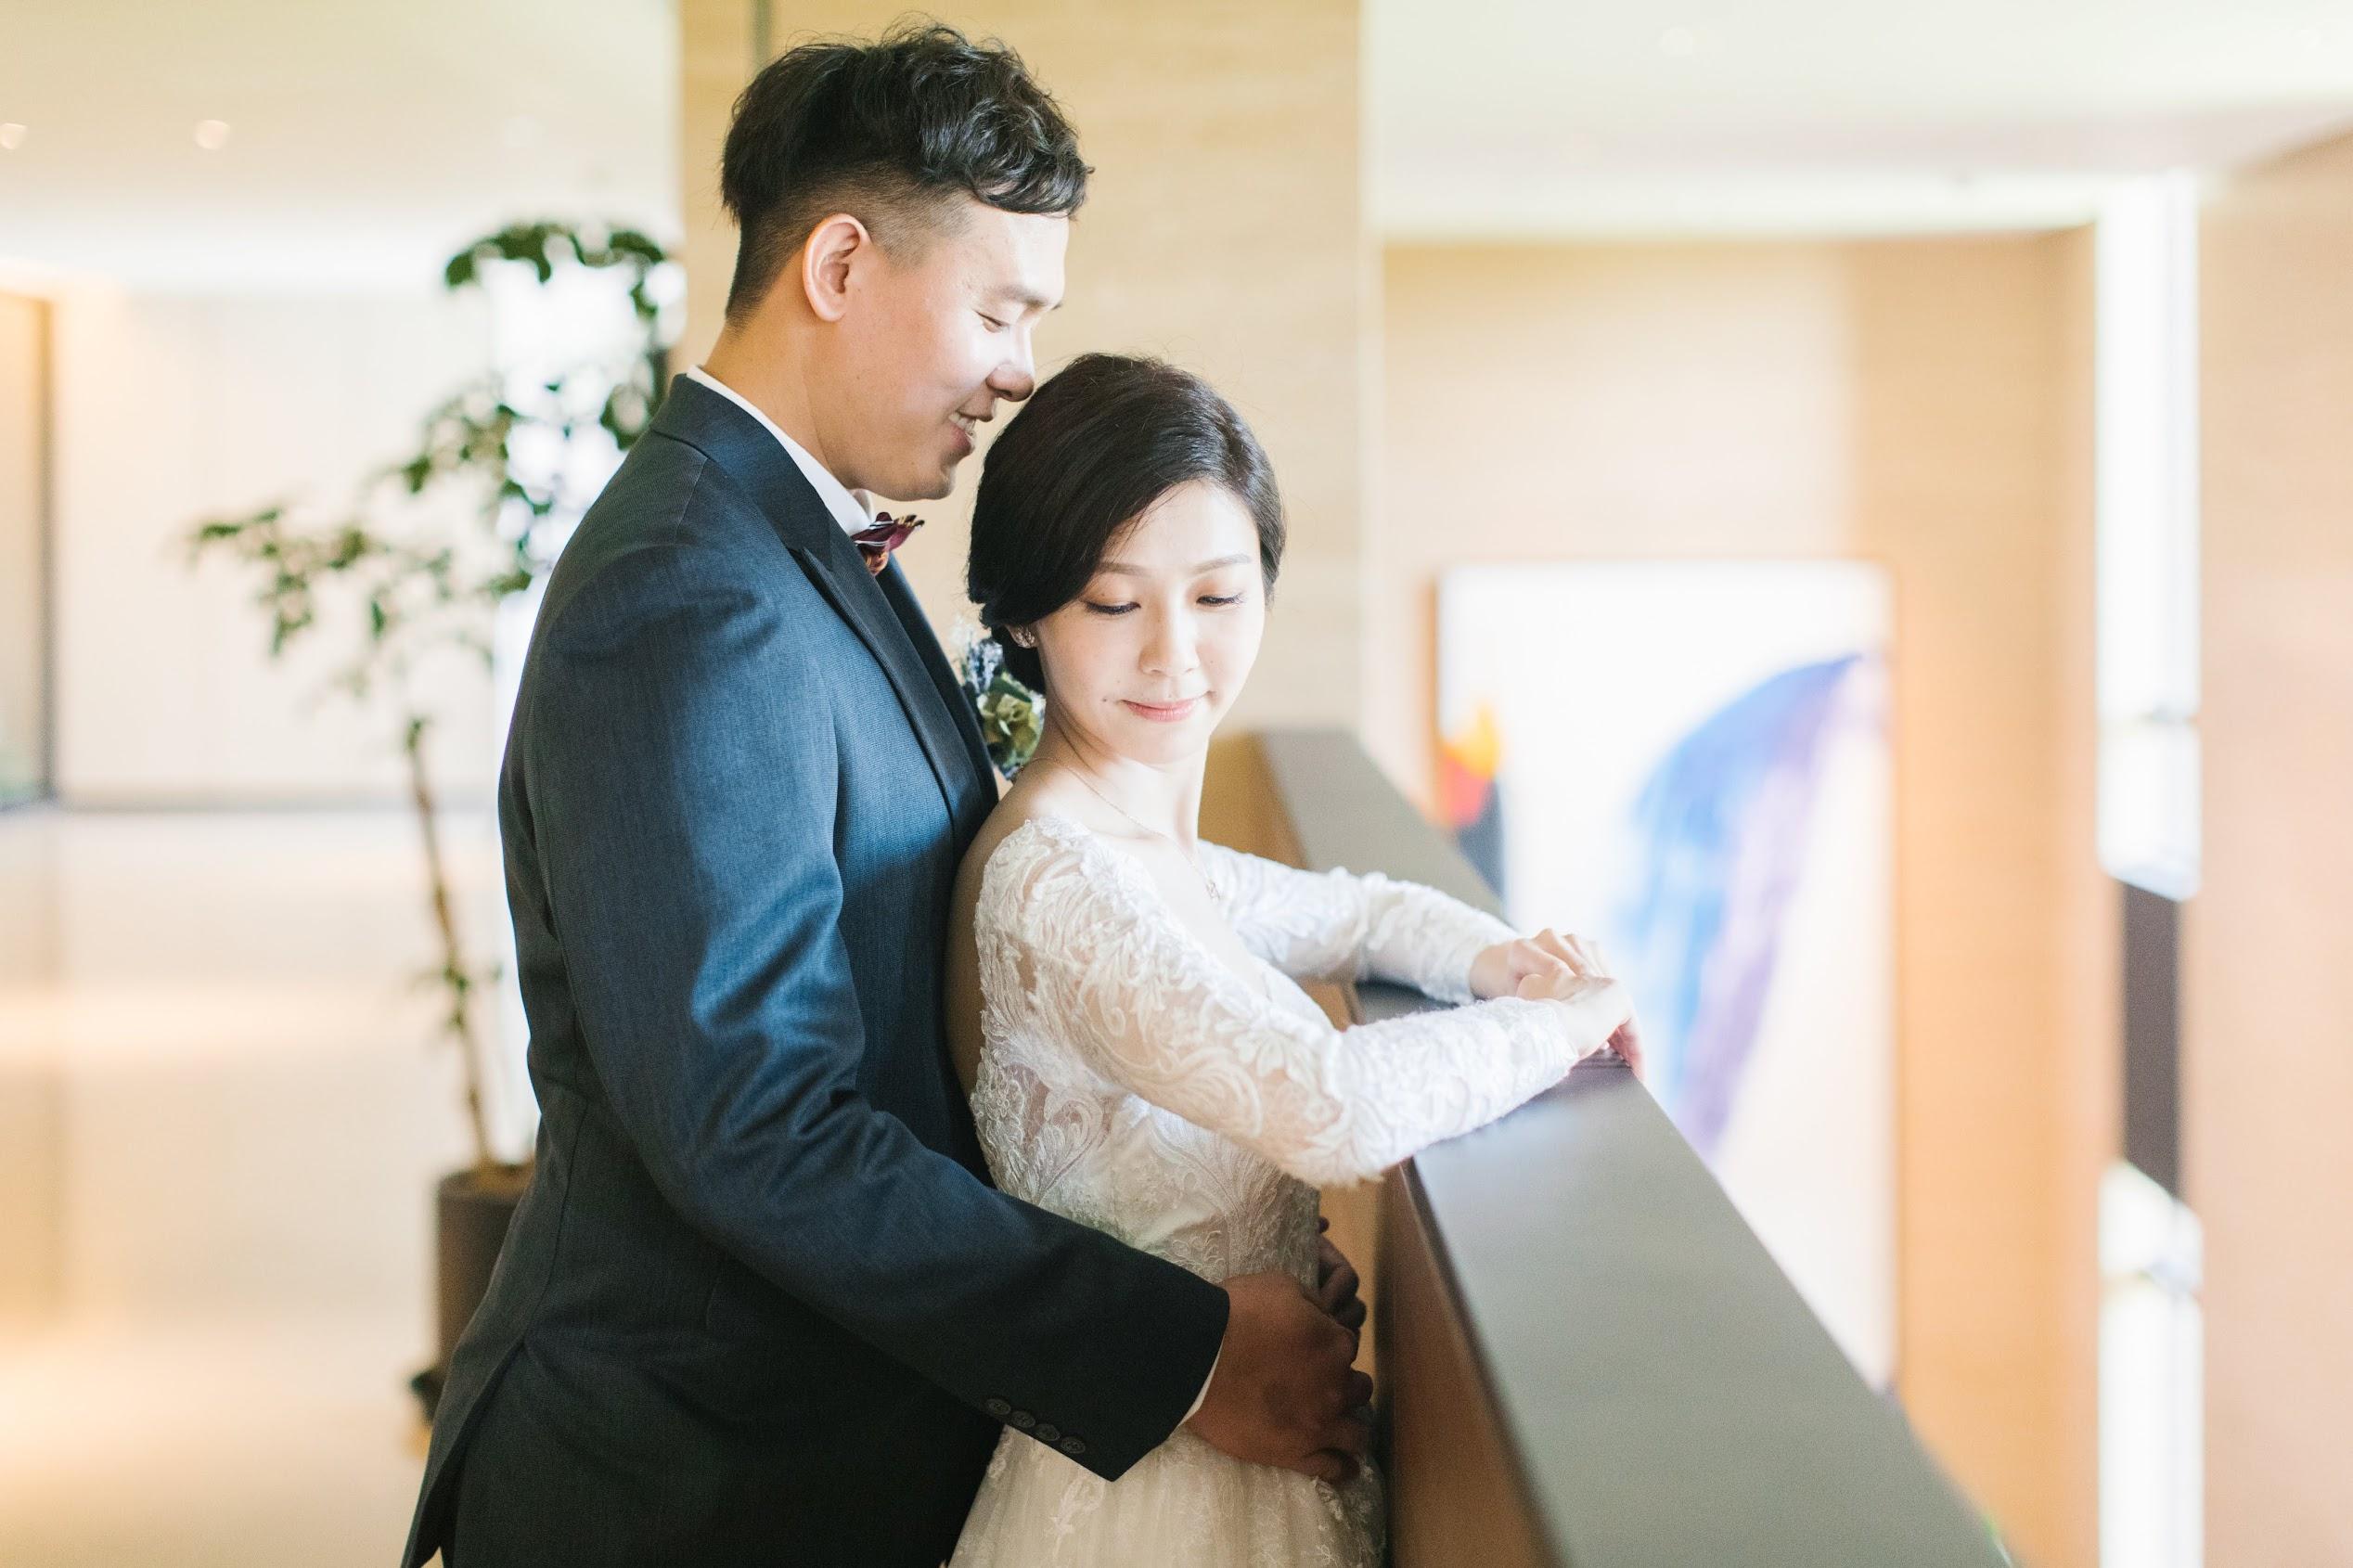 大員皇冠假日酒店婚禮 -美式婚禮-美式婚禮紀錄-Amazing Grace 攝影美學 -台北婚禮紀錄 -台中婚禮紀錄- 美式婚紗